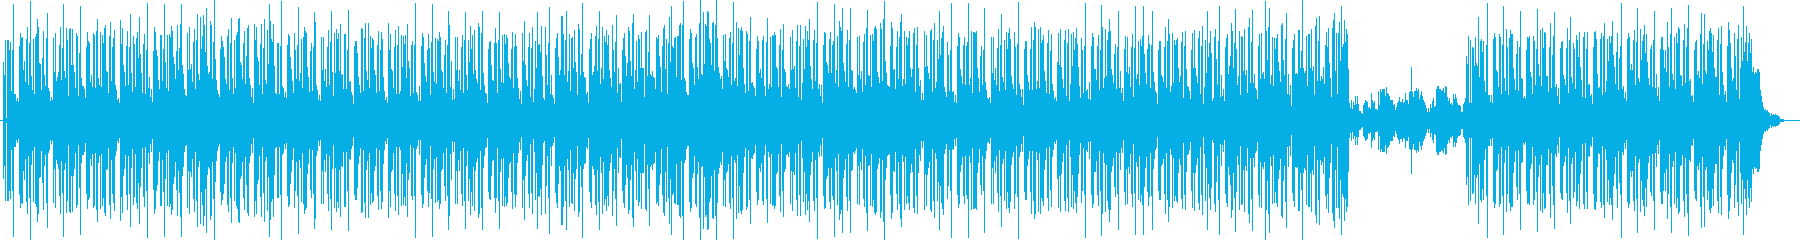 ホムセン・スーパー系の安い良フュージョンの再生済みの波形